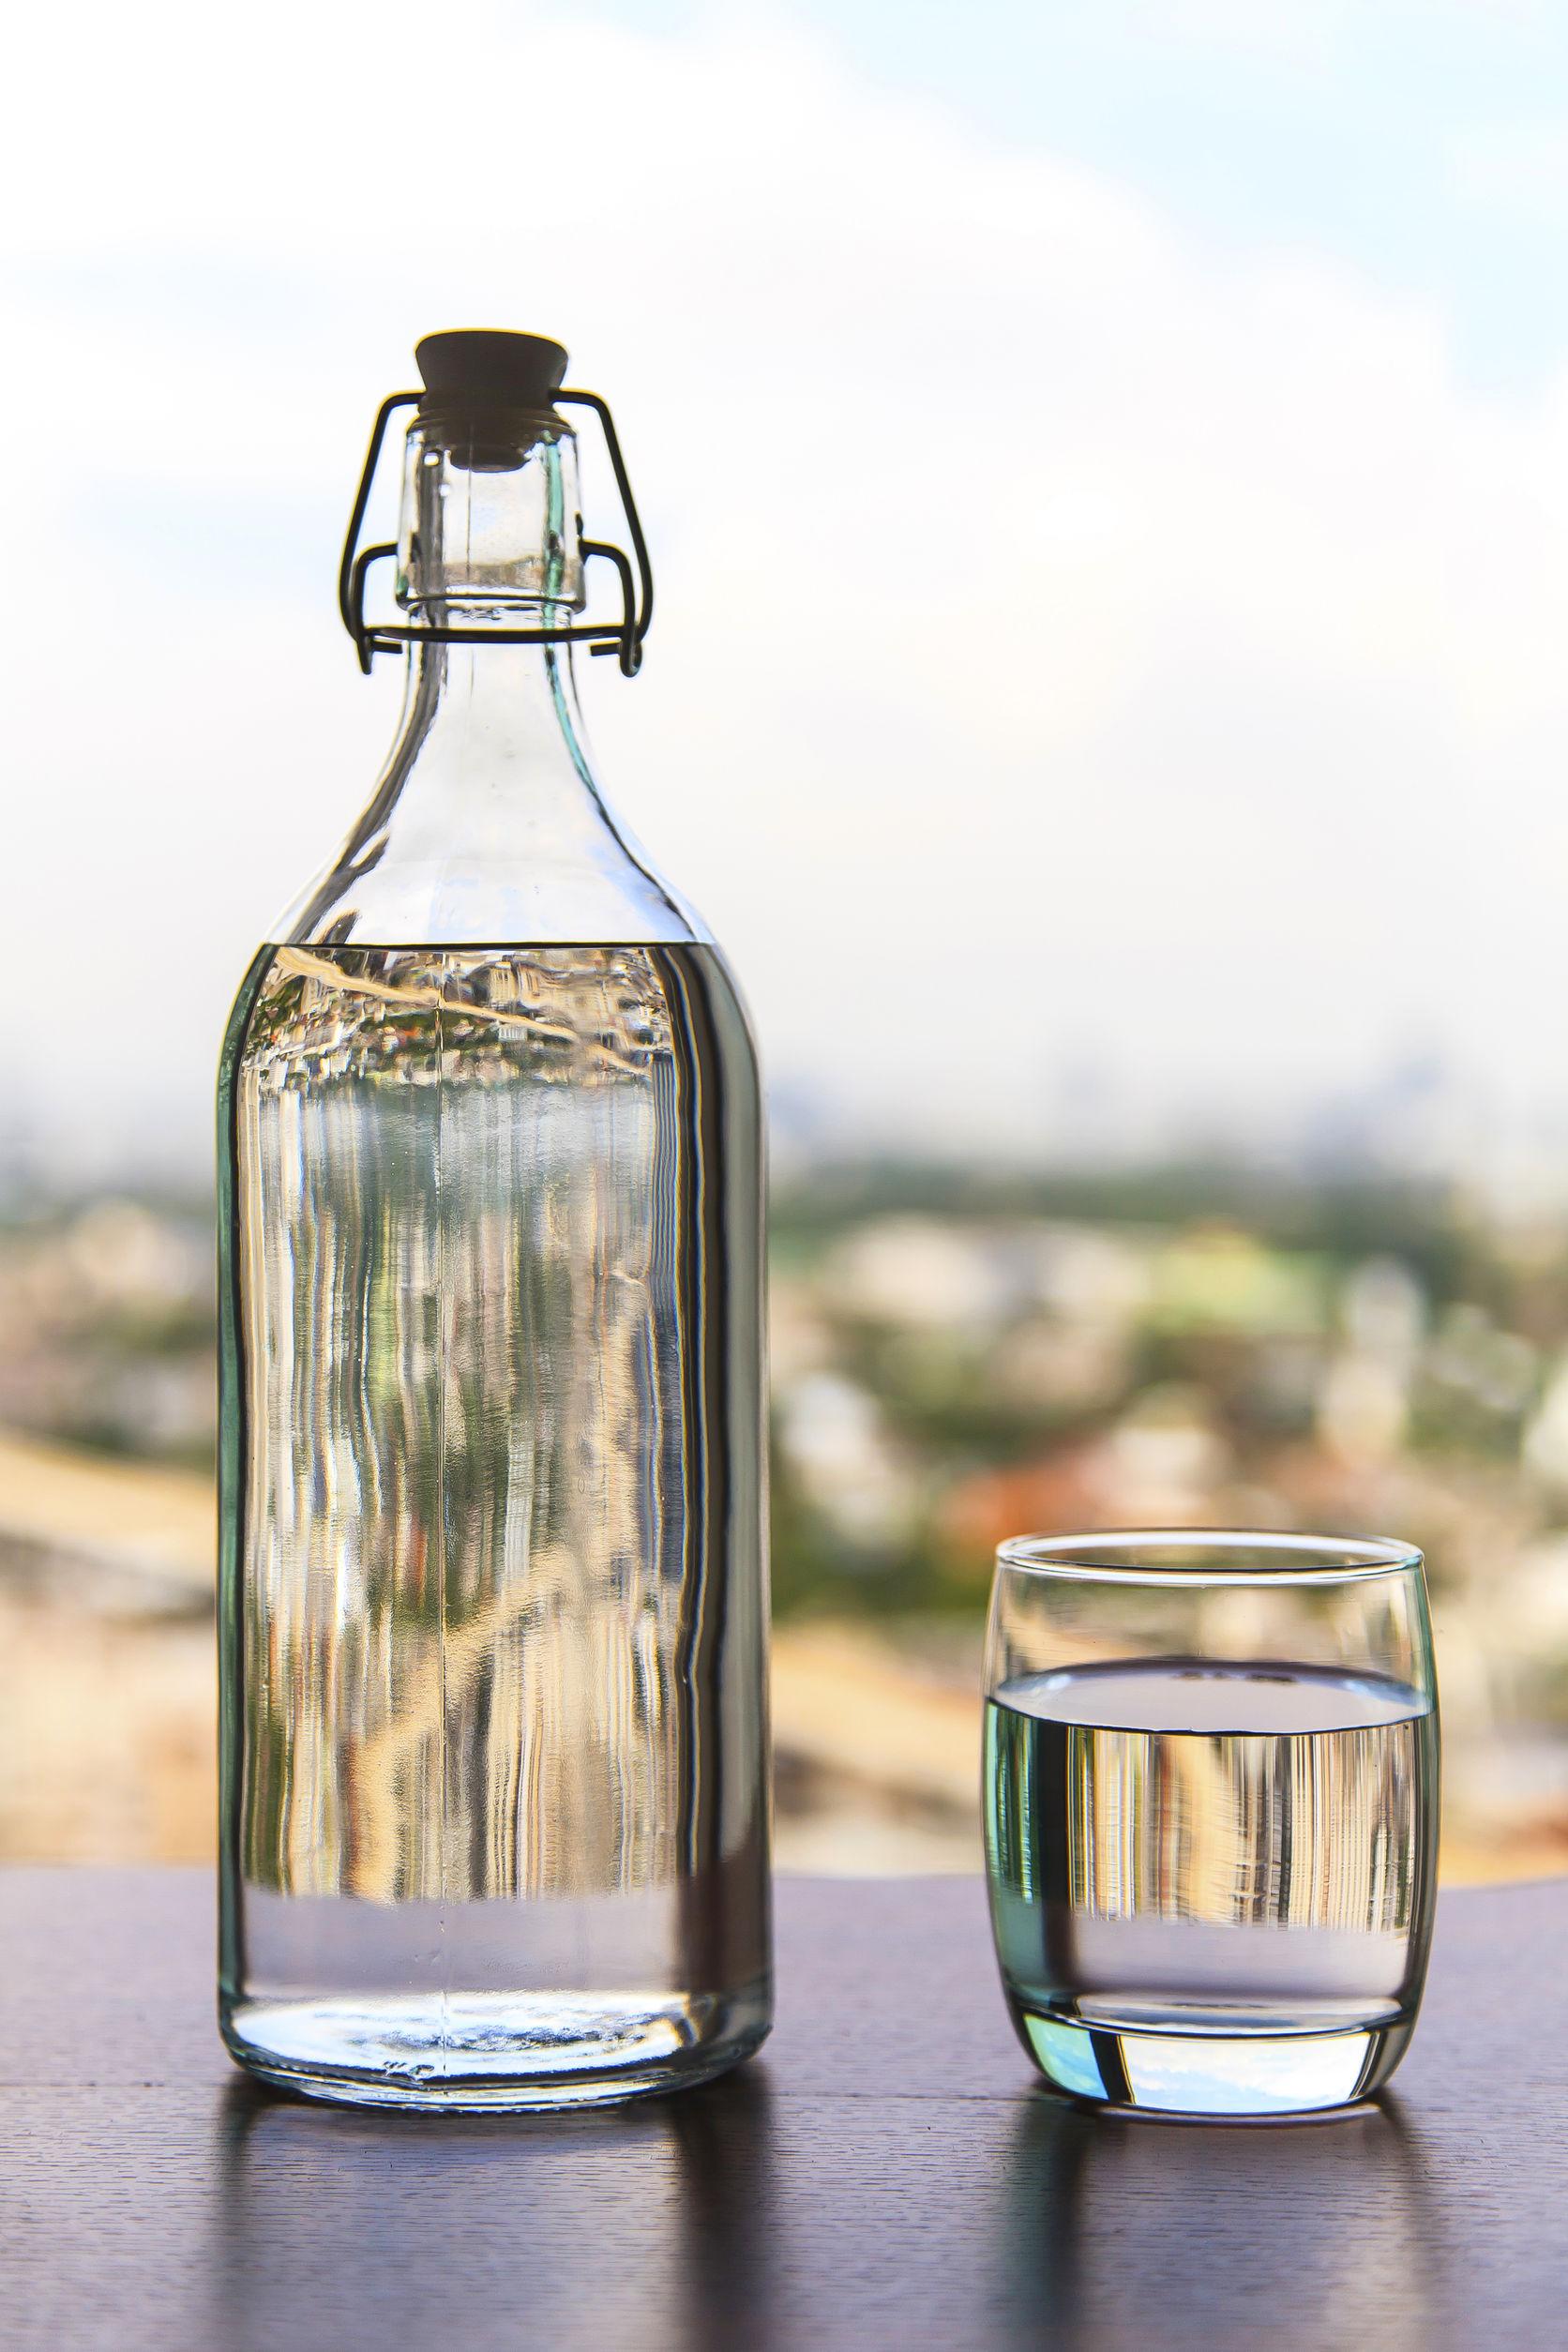 45668068 - copo de água com uma garrafa na mesa